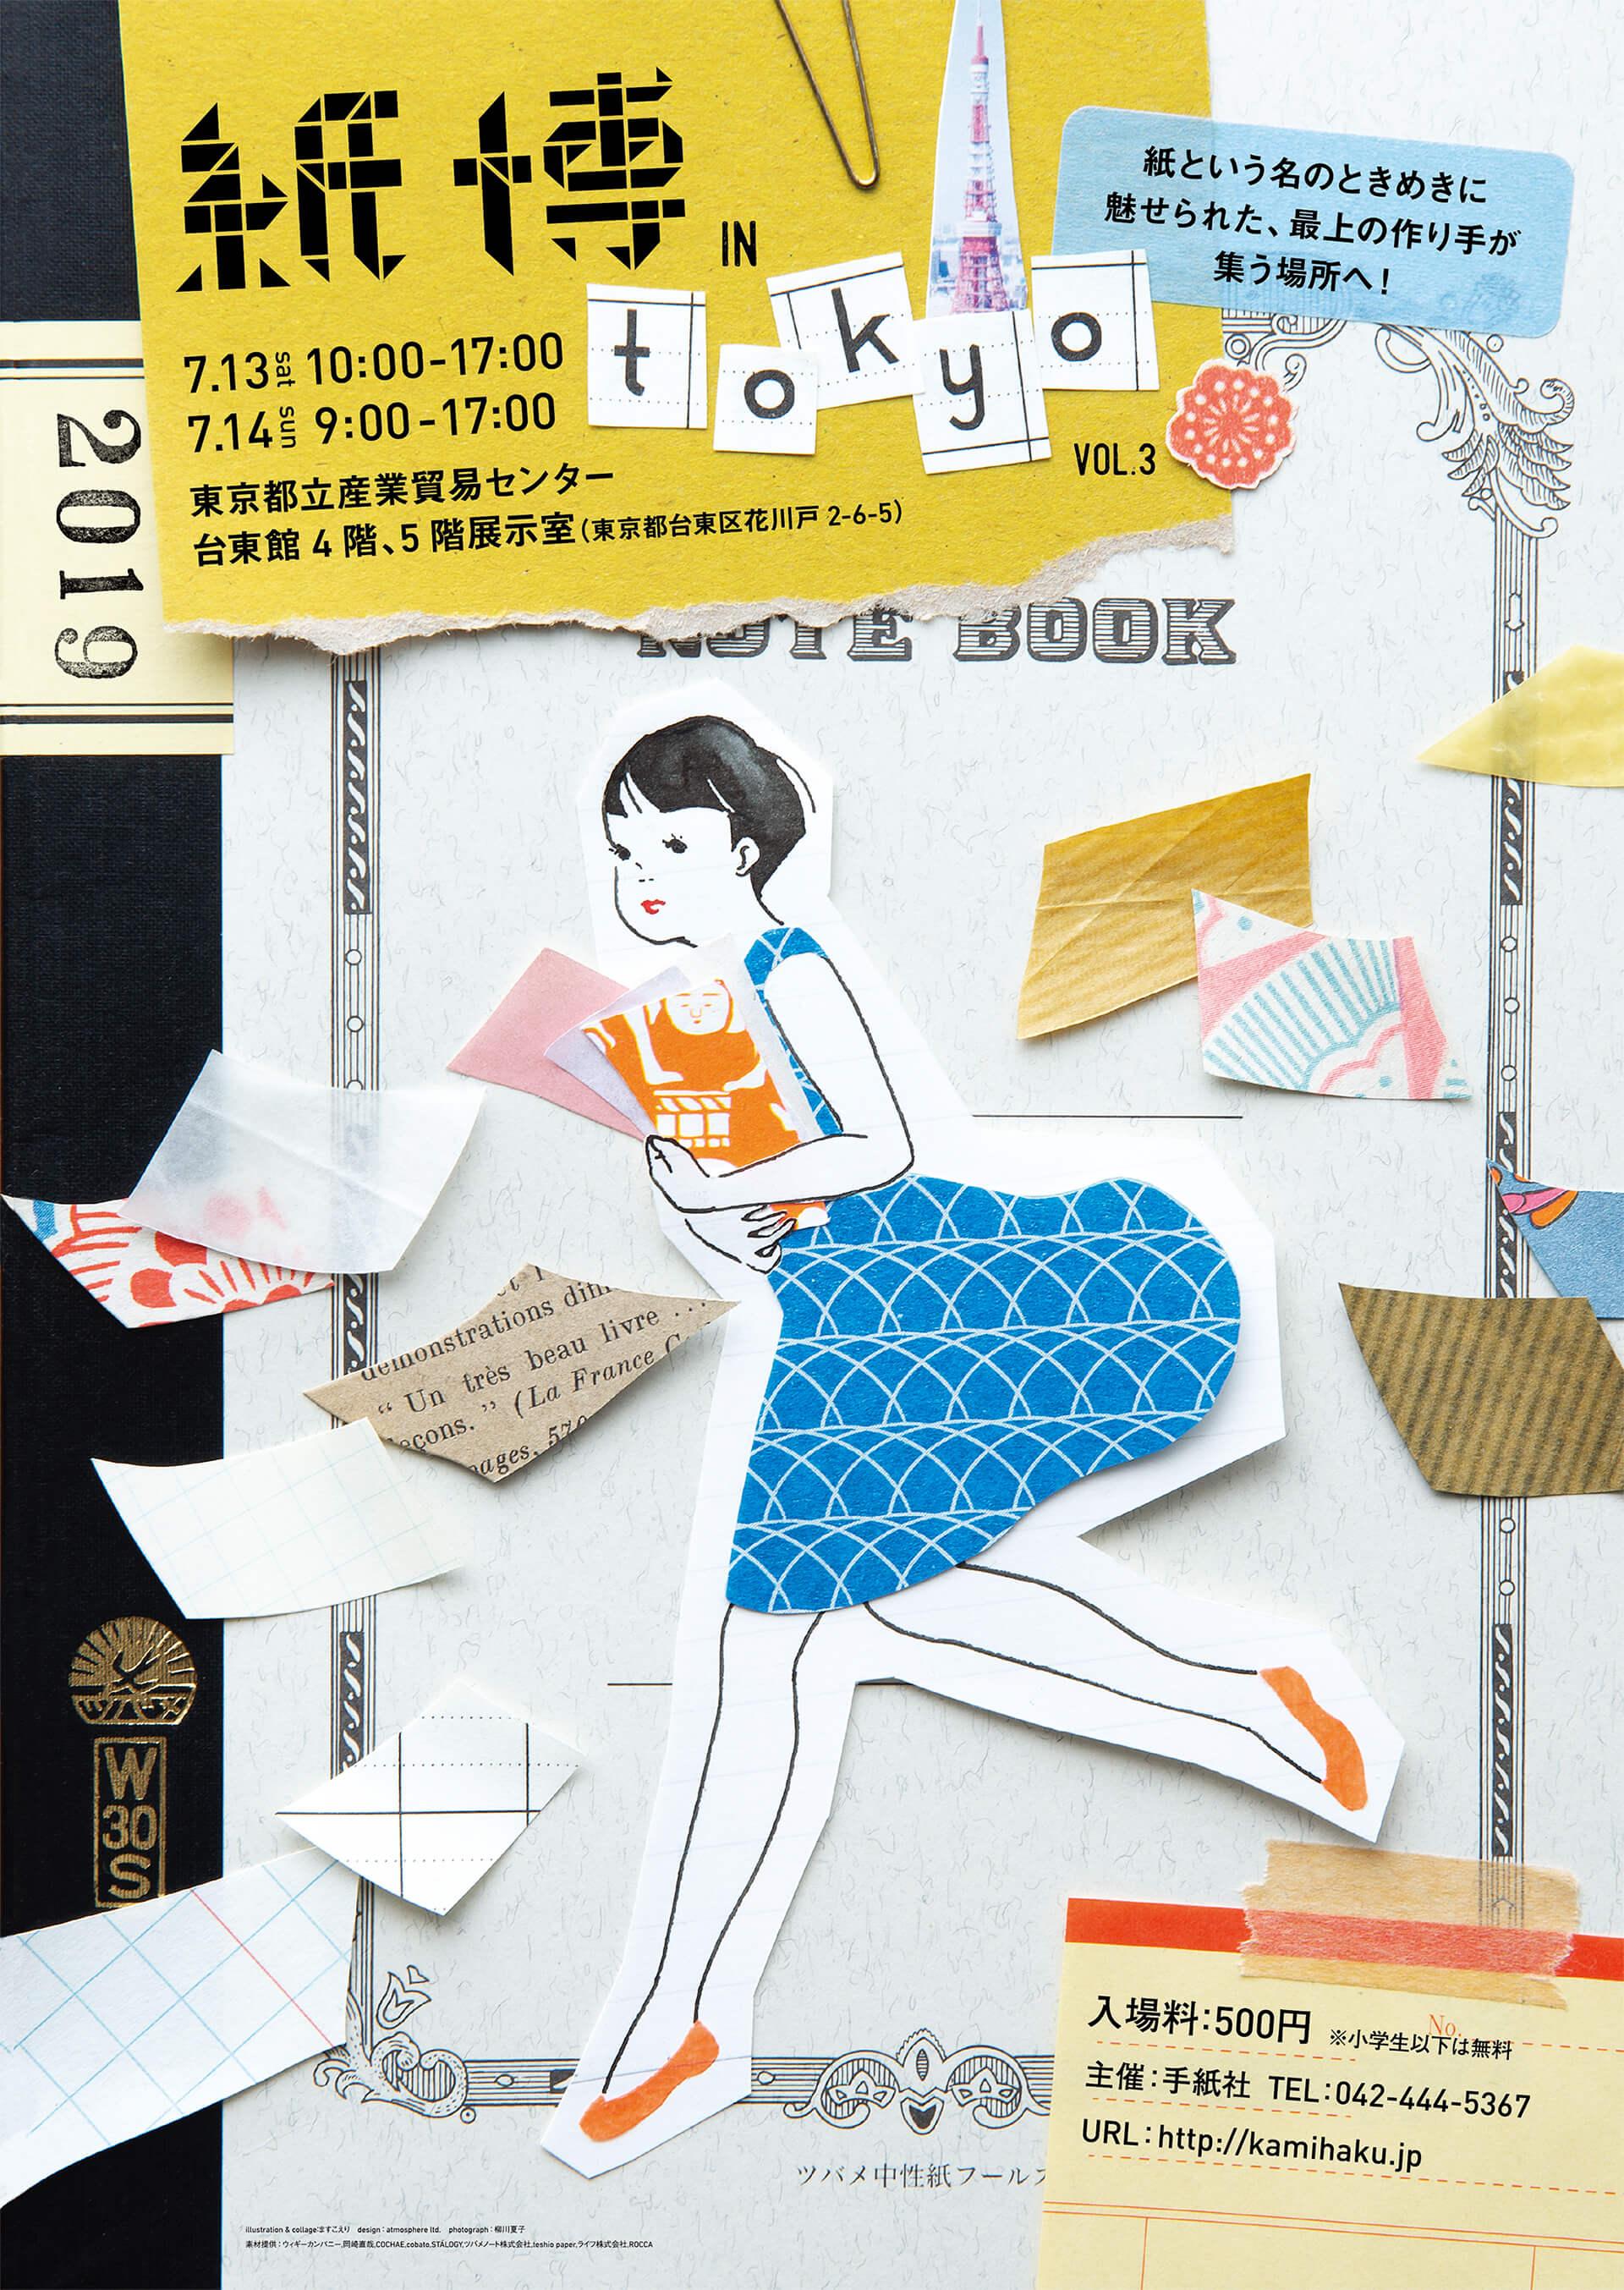 この写真は紙博 in東京 vol.3のメインビジュアル。女子が会場へ訪れようとしている切り貼りアートです